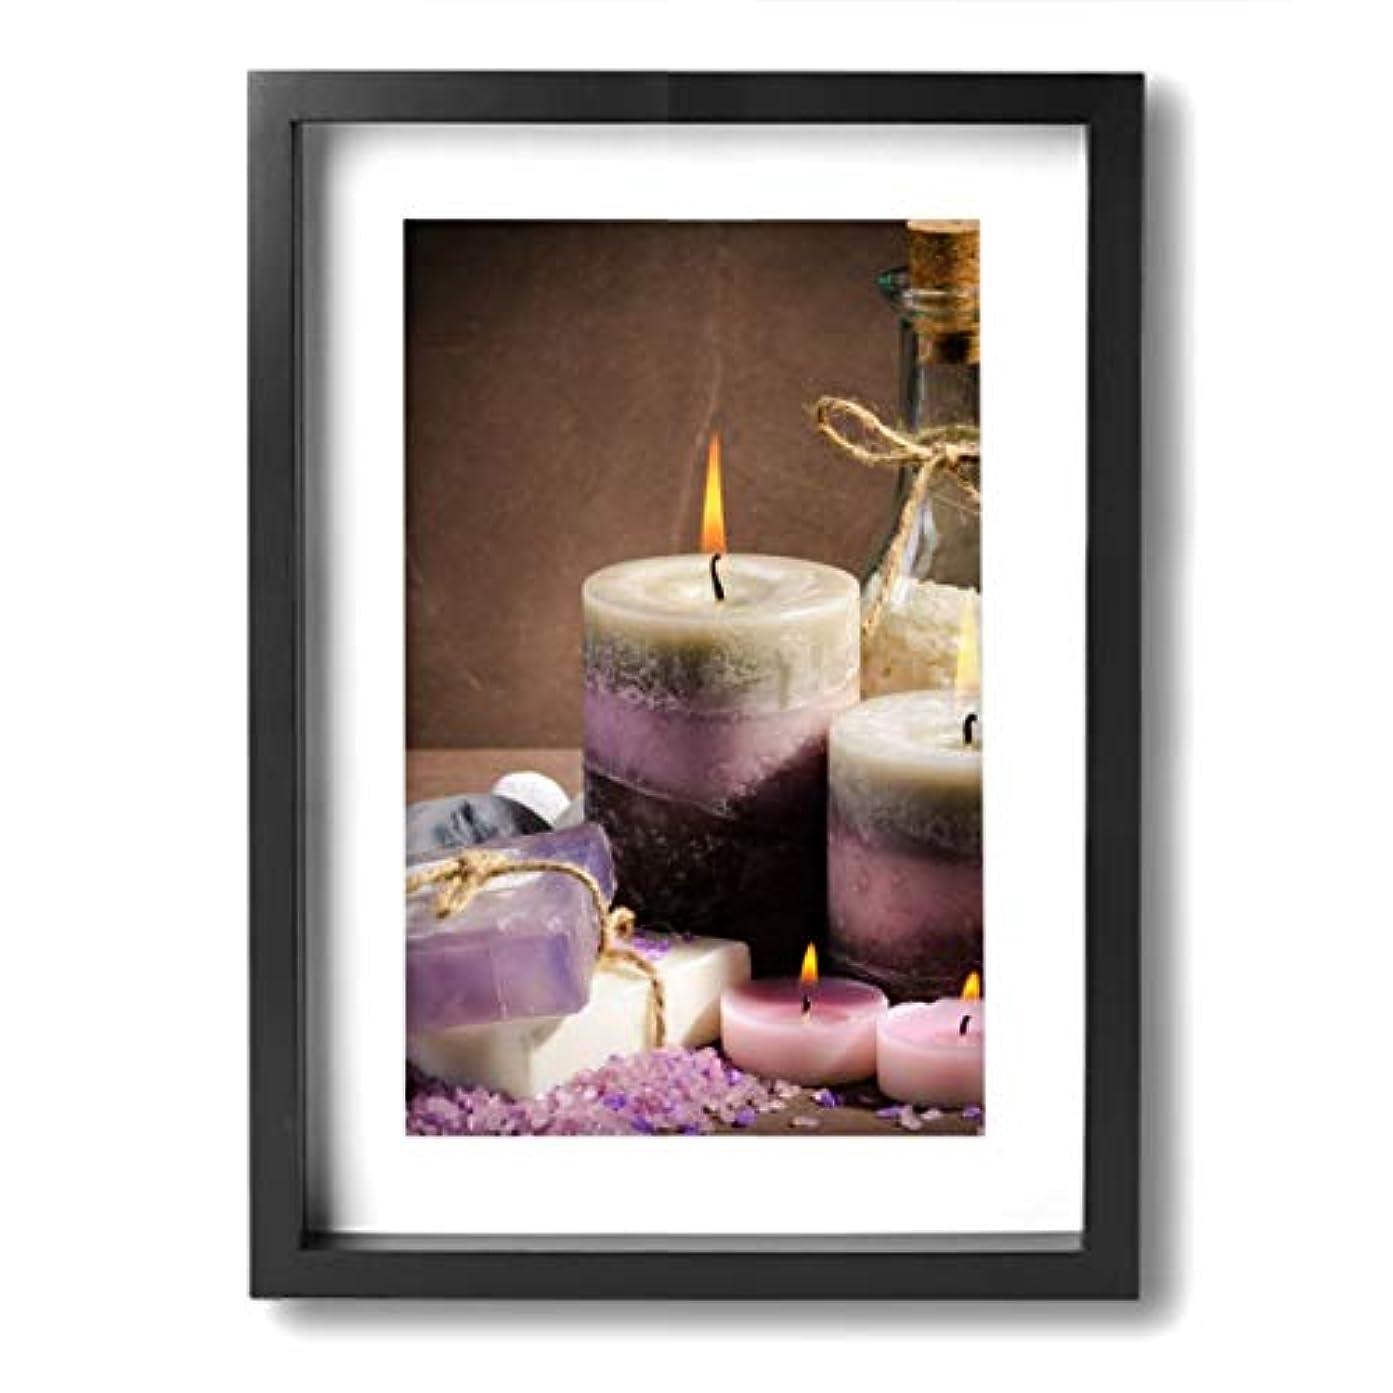 ギャングスターインセンティブペイント魅力的な芸術 20x30cm Spa Purple Color Candle Oil キャンバスの壁アート 画像プリント絵画リビングルームの壁の装飾と家の装飾のための現代アートワークハングする準備ができて